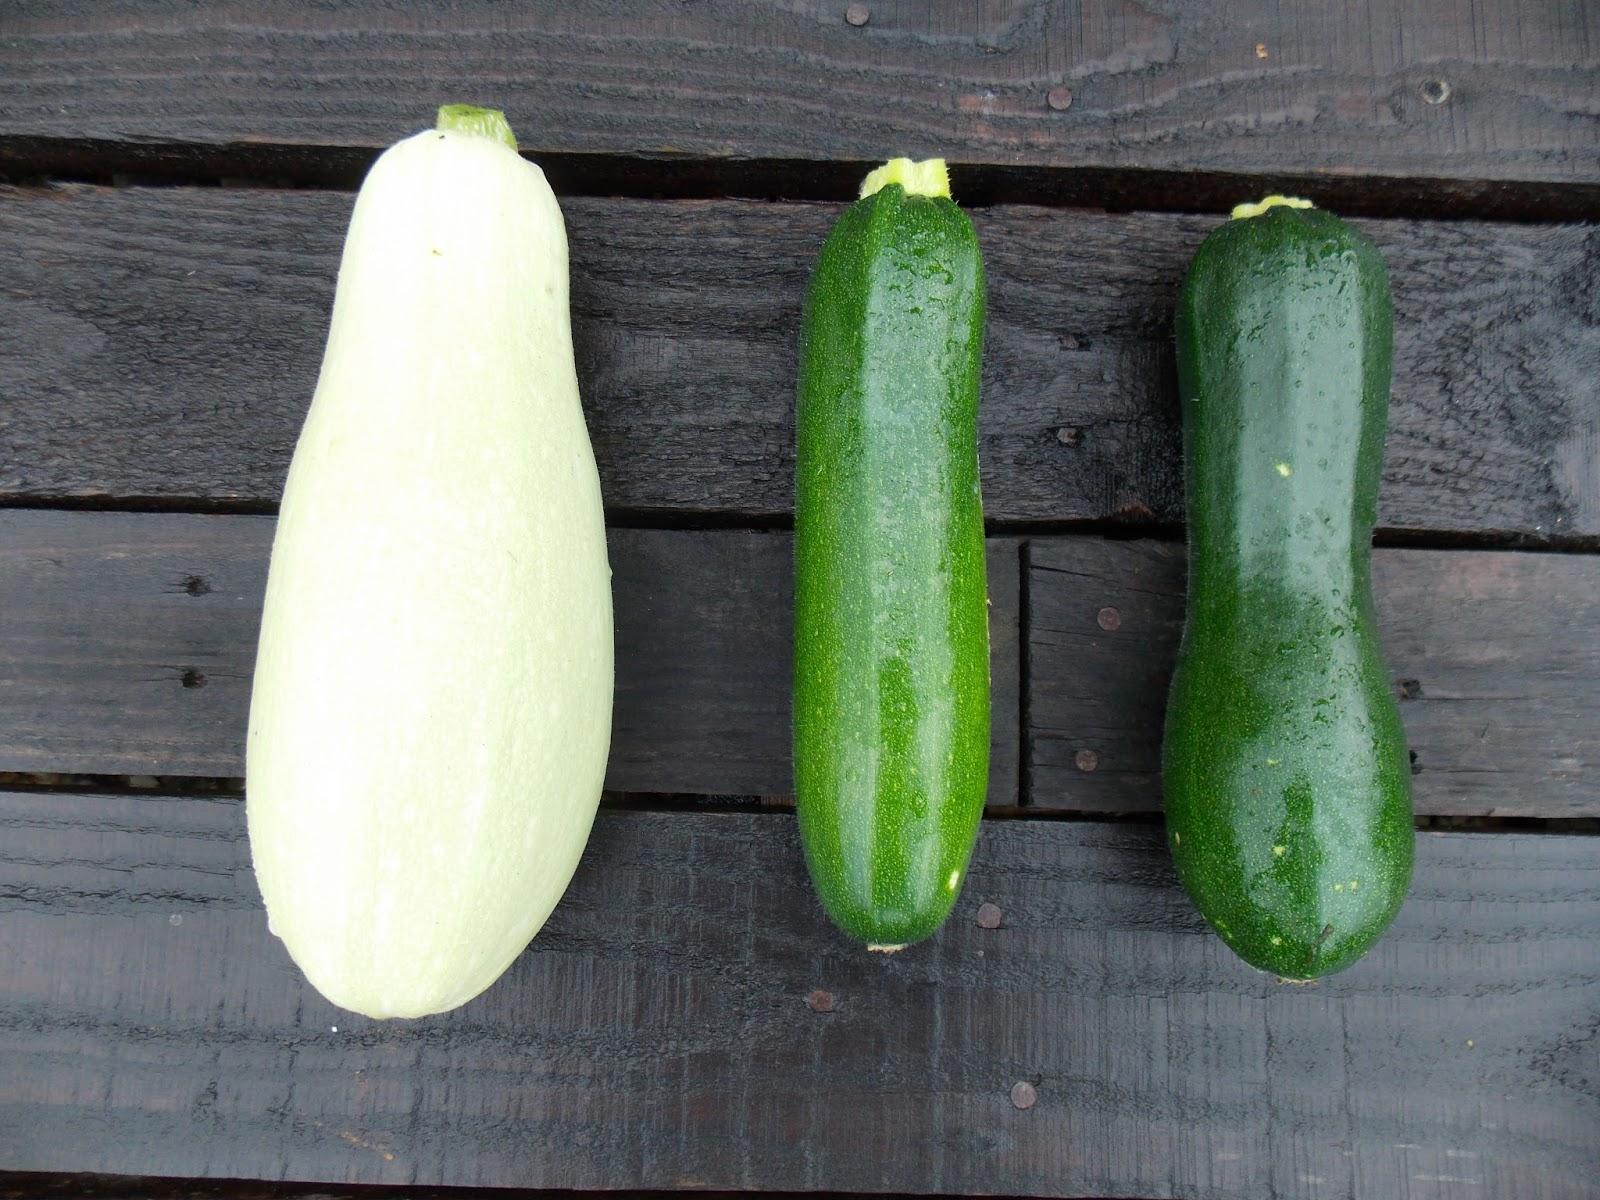 Ecolo bio nature permaculture urbaine et jardinage bio les vari t s de courgettes de cette ann e - Feuille de courgette blanche ...